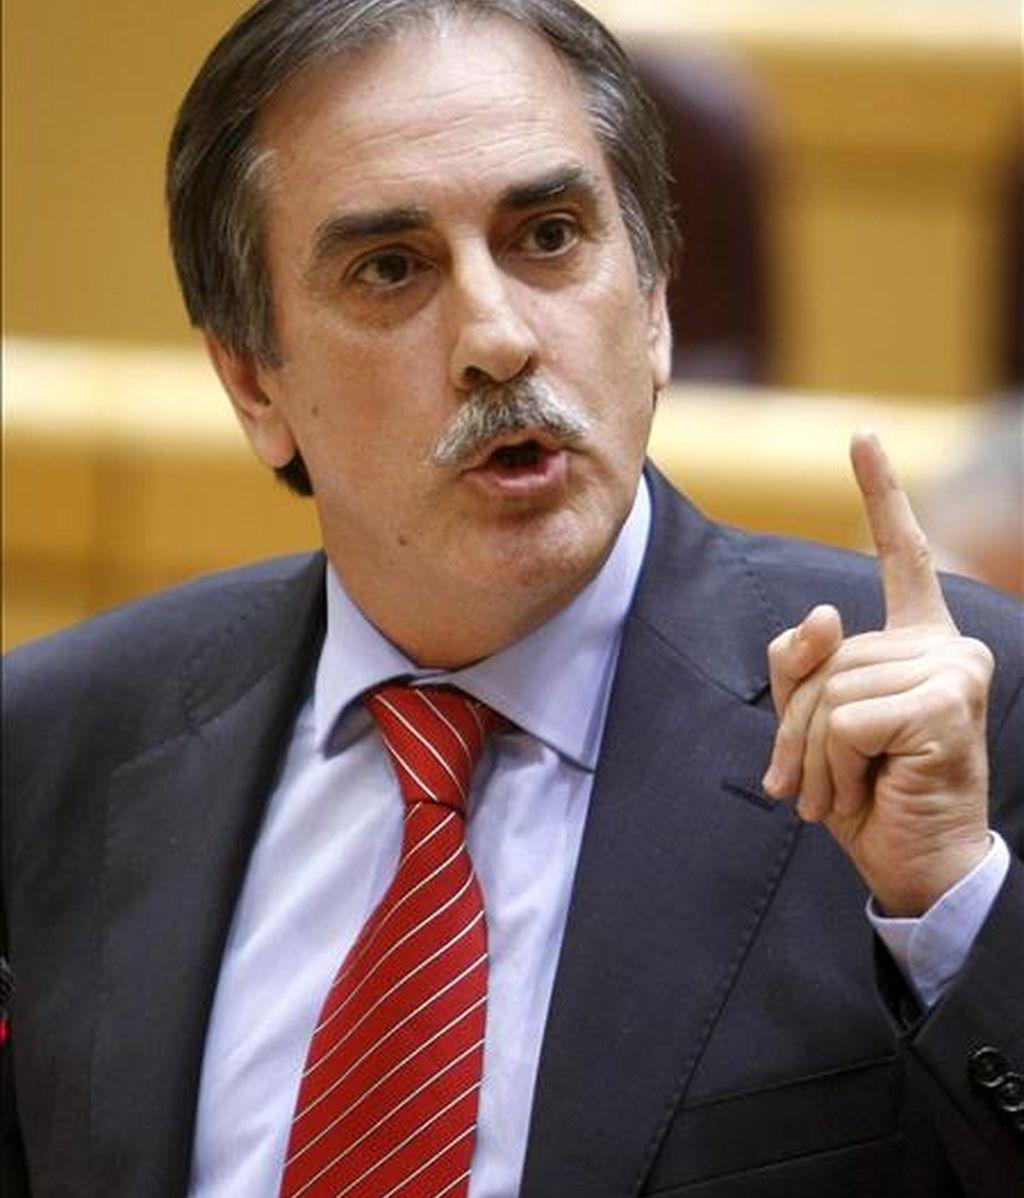 El ministro de Trabajo e Inmigración, Valeriano Gómez, durante su intervención en la sesión de control al Gobierno. EFE/Archivo